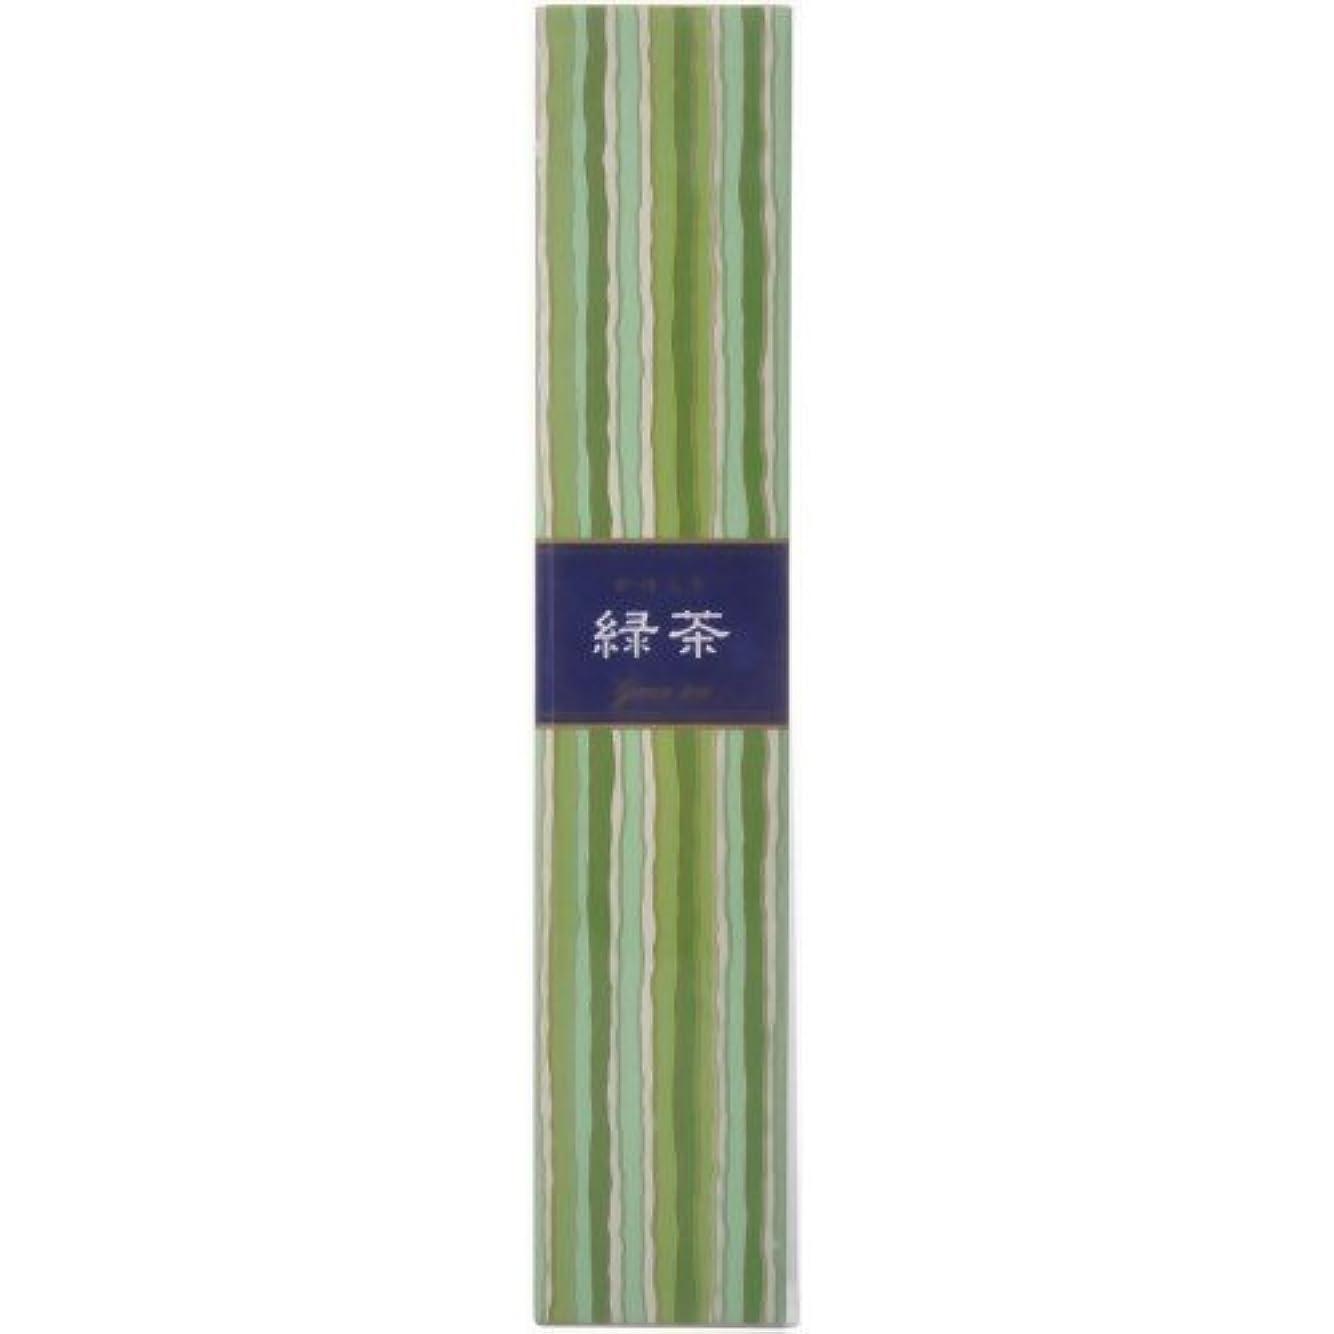 公式参加者想起【セット品】かゆらぎ 緑茶 スティック40本入 香立付 ×3個